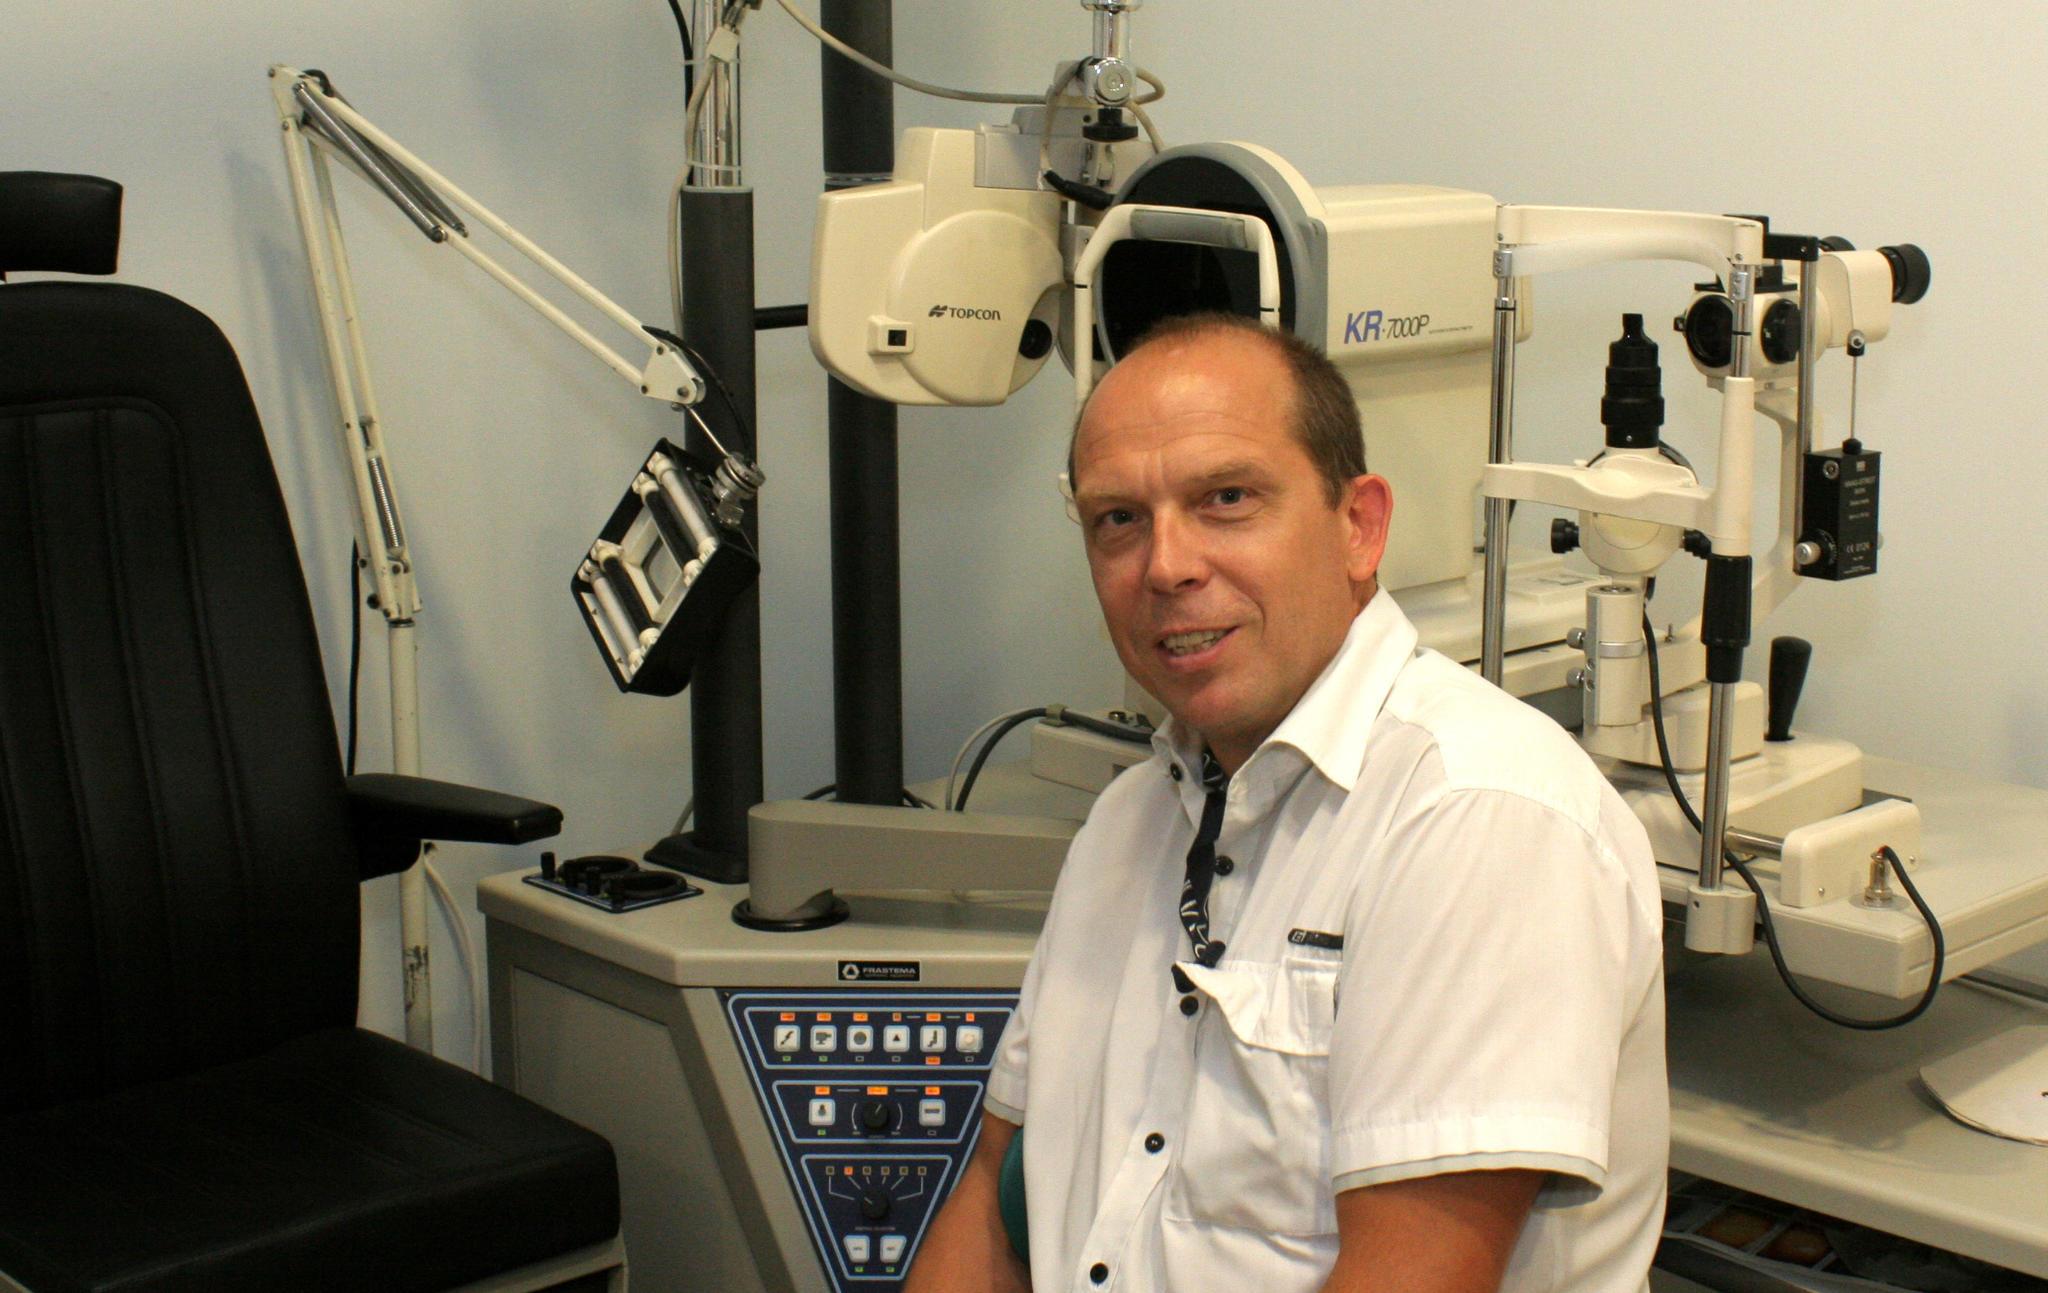 8ed2561d04b Oktoobris 2018 taasavasime Ravi 14 silmakabineti koos samades ruumides  painkenva LENS Optika prillipoega.